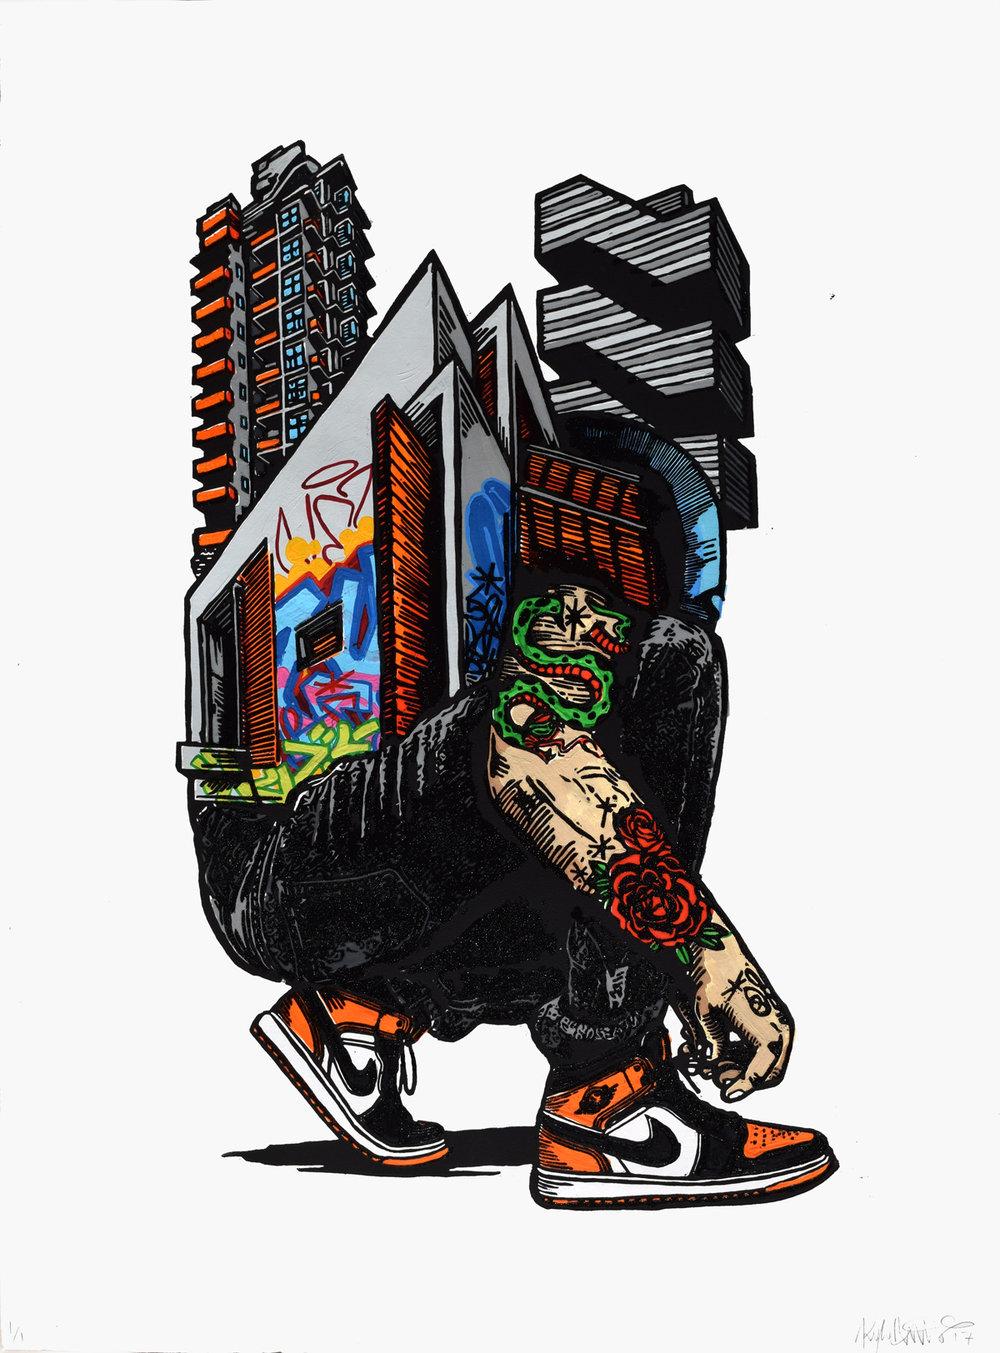 kyle bryant jordan 1 sneaker art graffiti printmaking